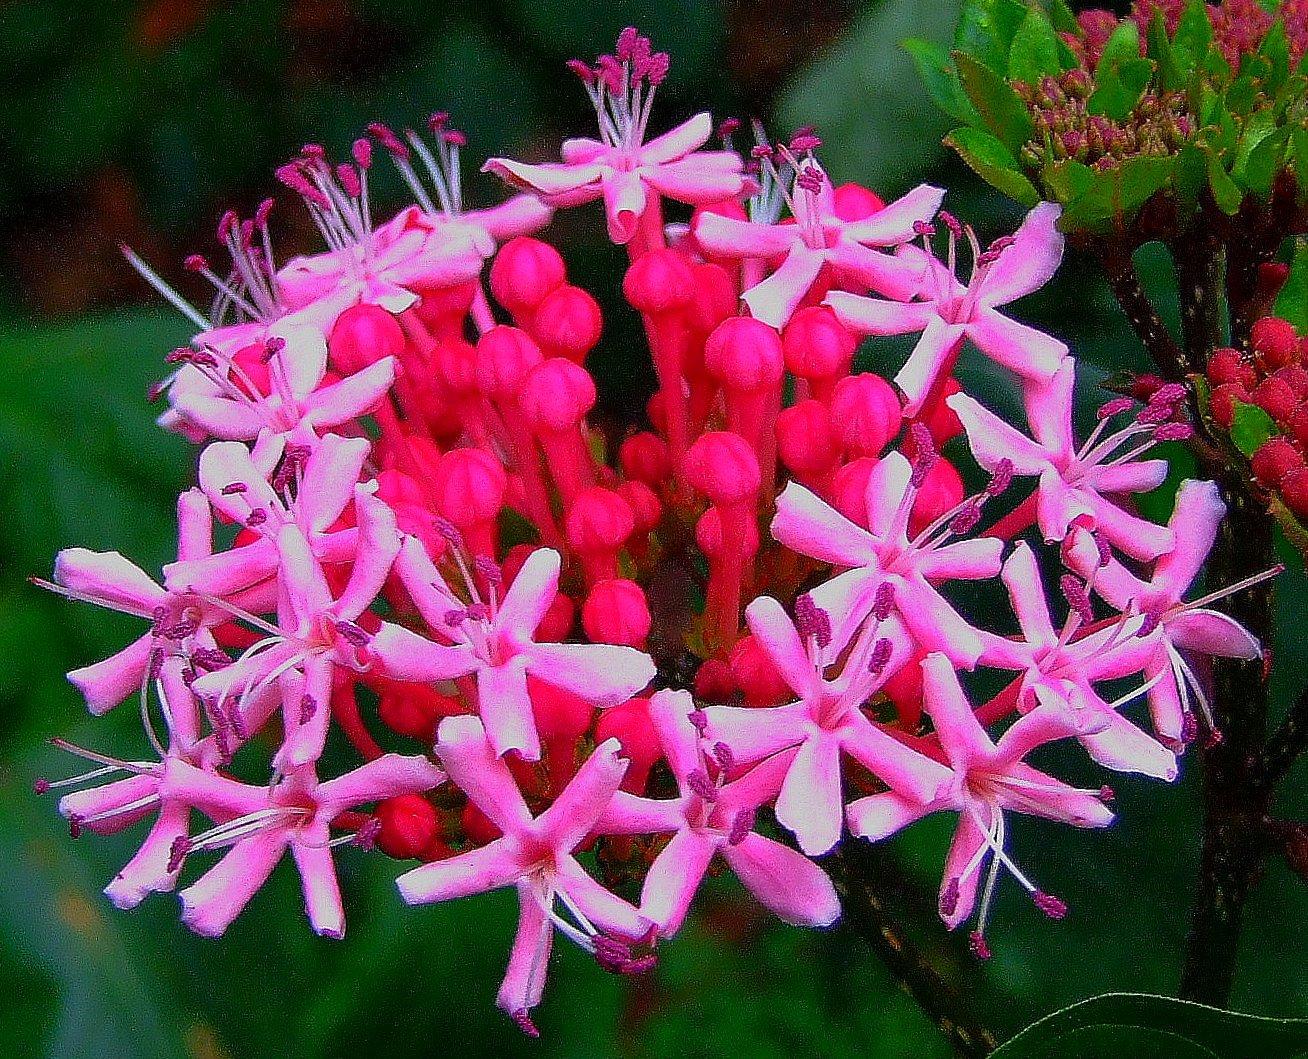 Image of rose glorybower